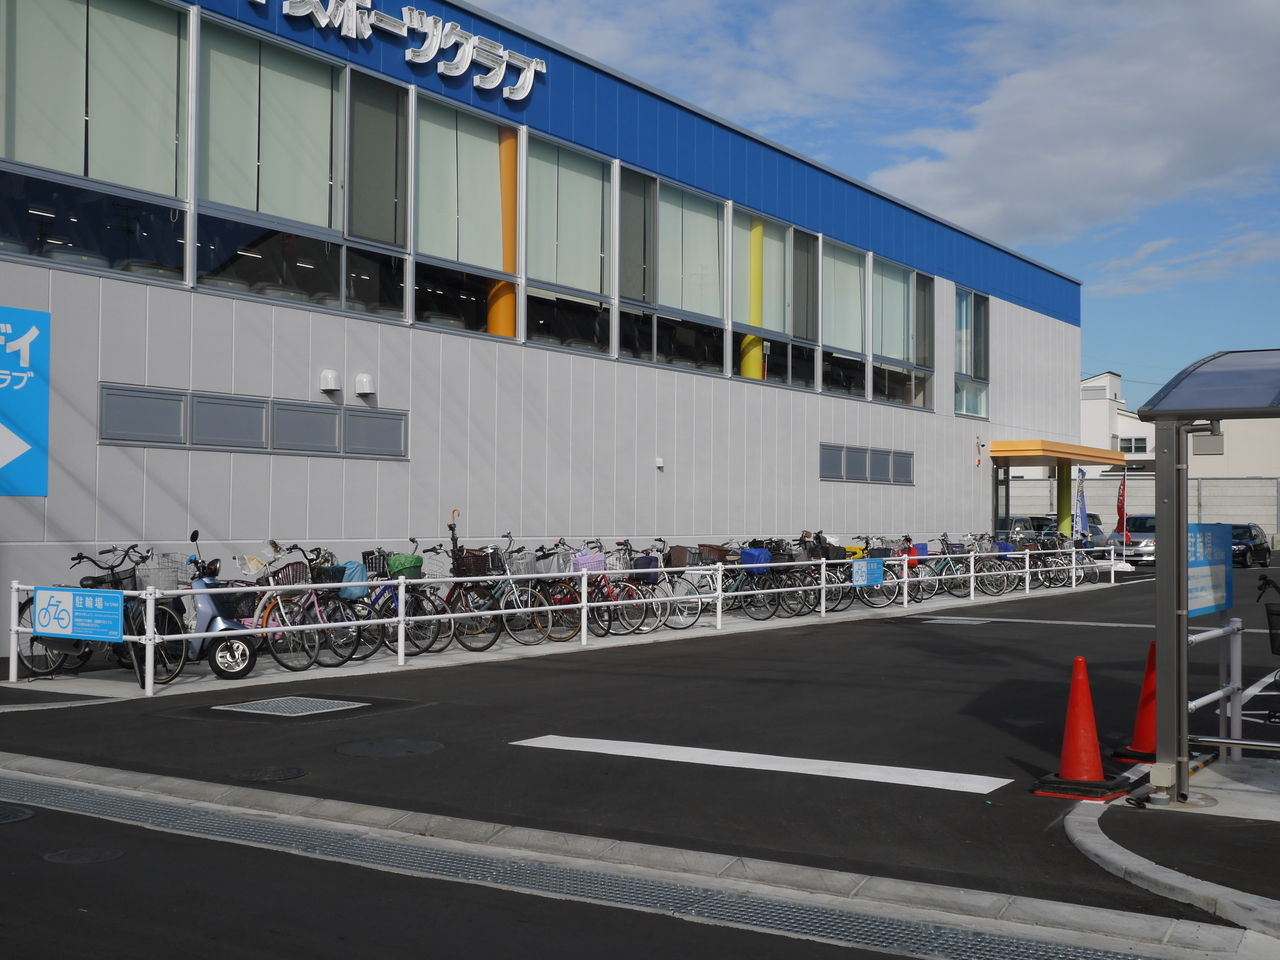 ホリデイ スポーツ クラブ 東 大阪